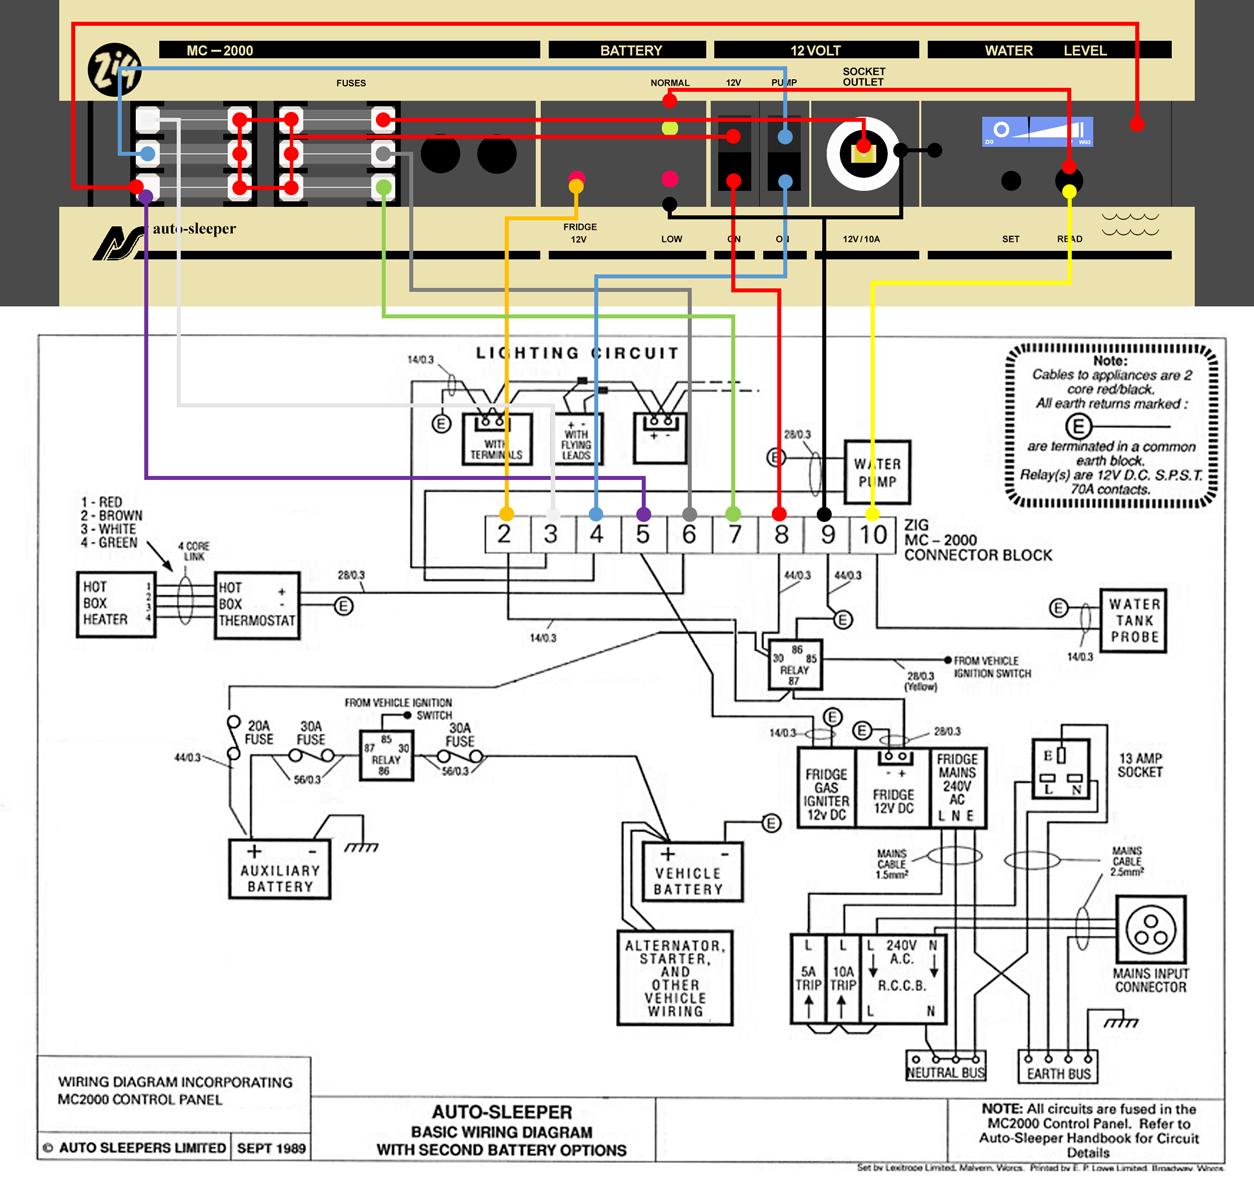 mc wiring diagram Wiring diagram